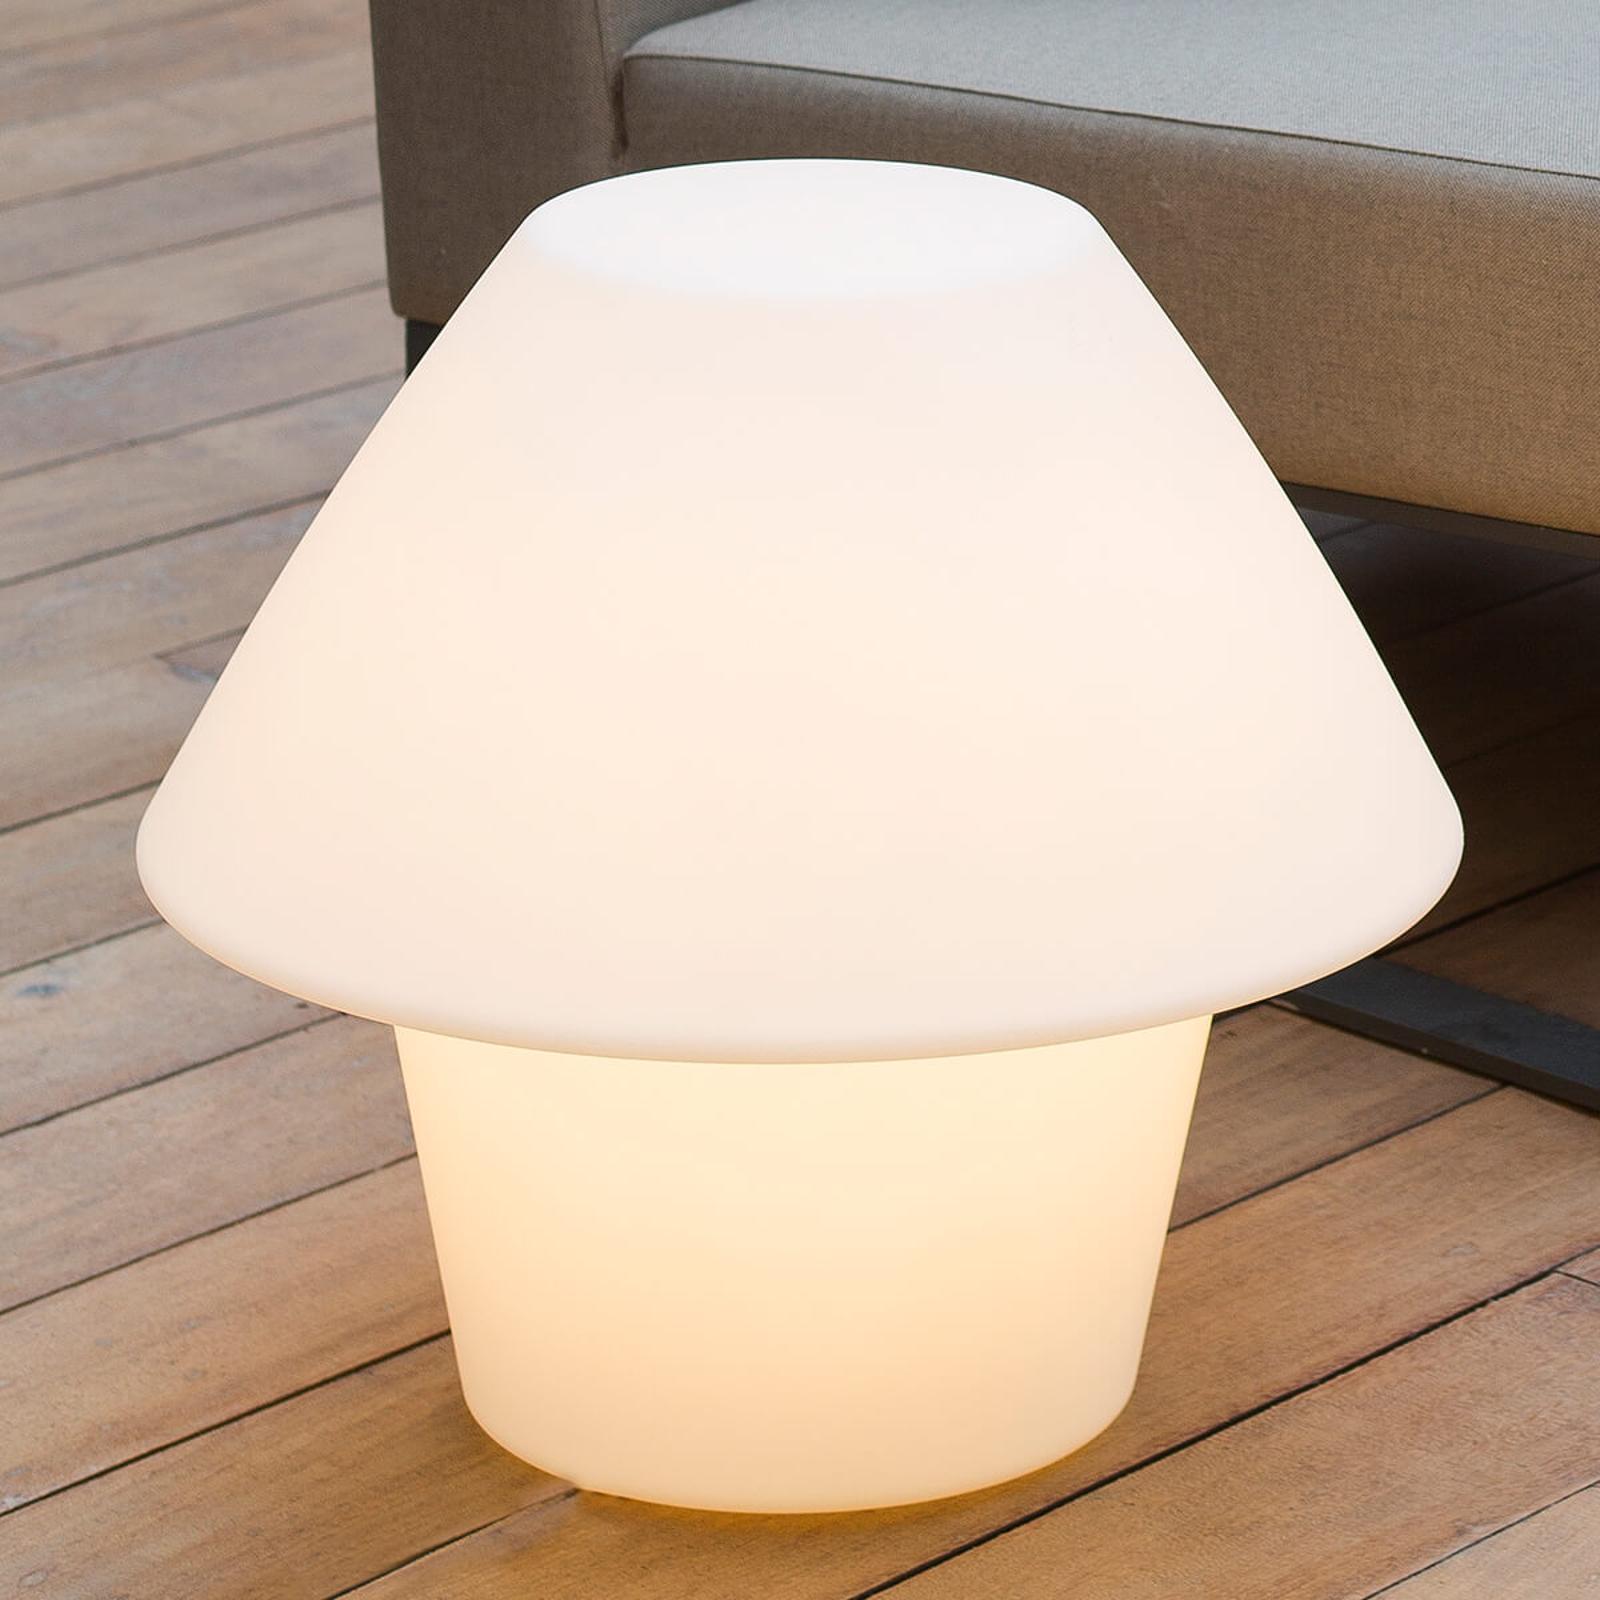 Komplett lysende dekorlampe for utebruk Versus